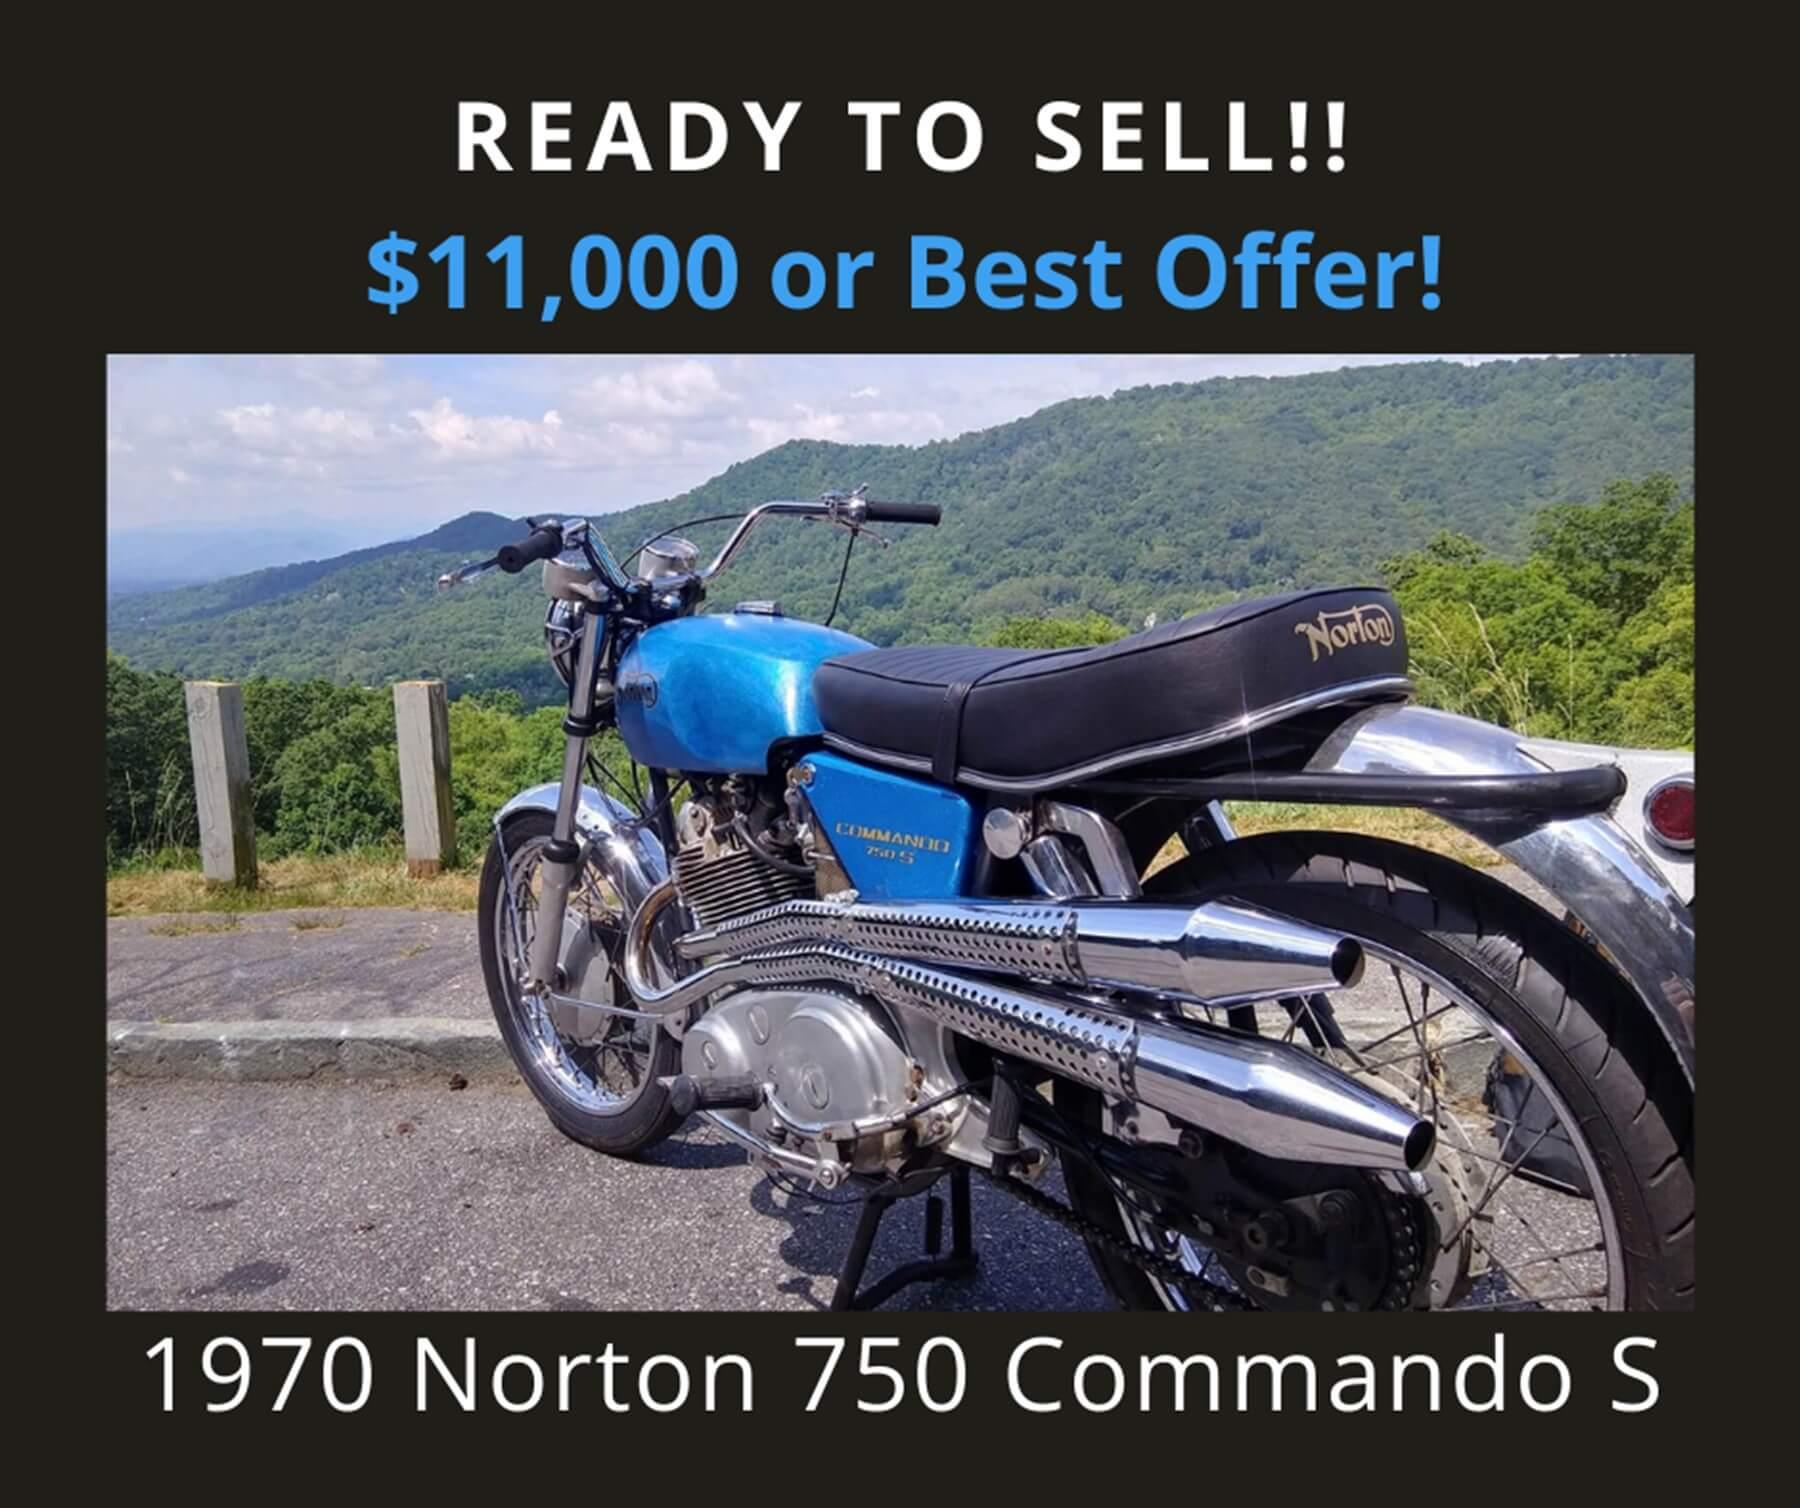 1970 Norton 750 Commando S Motorcycle —  SOLD!!